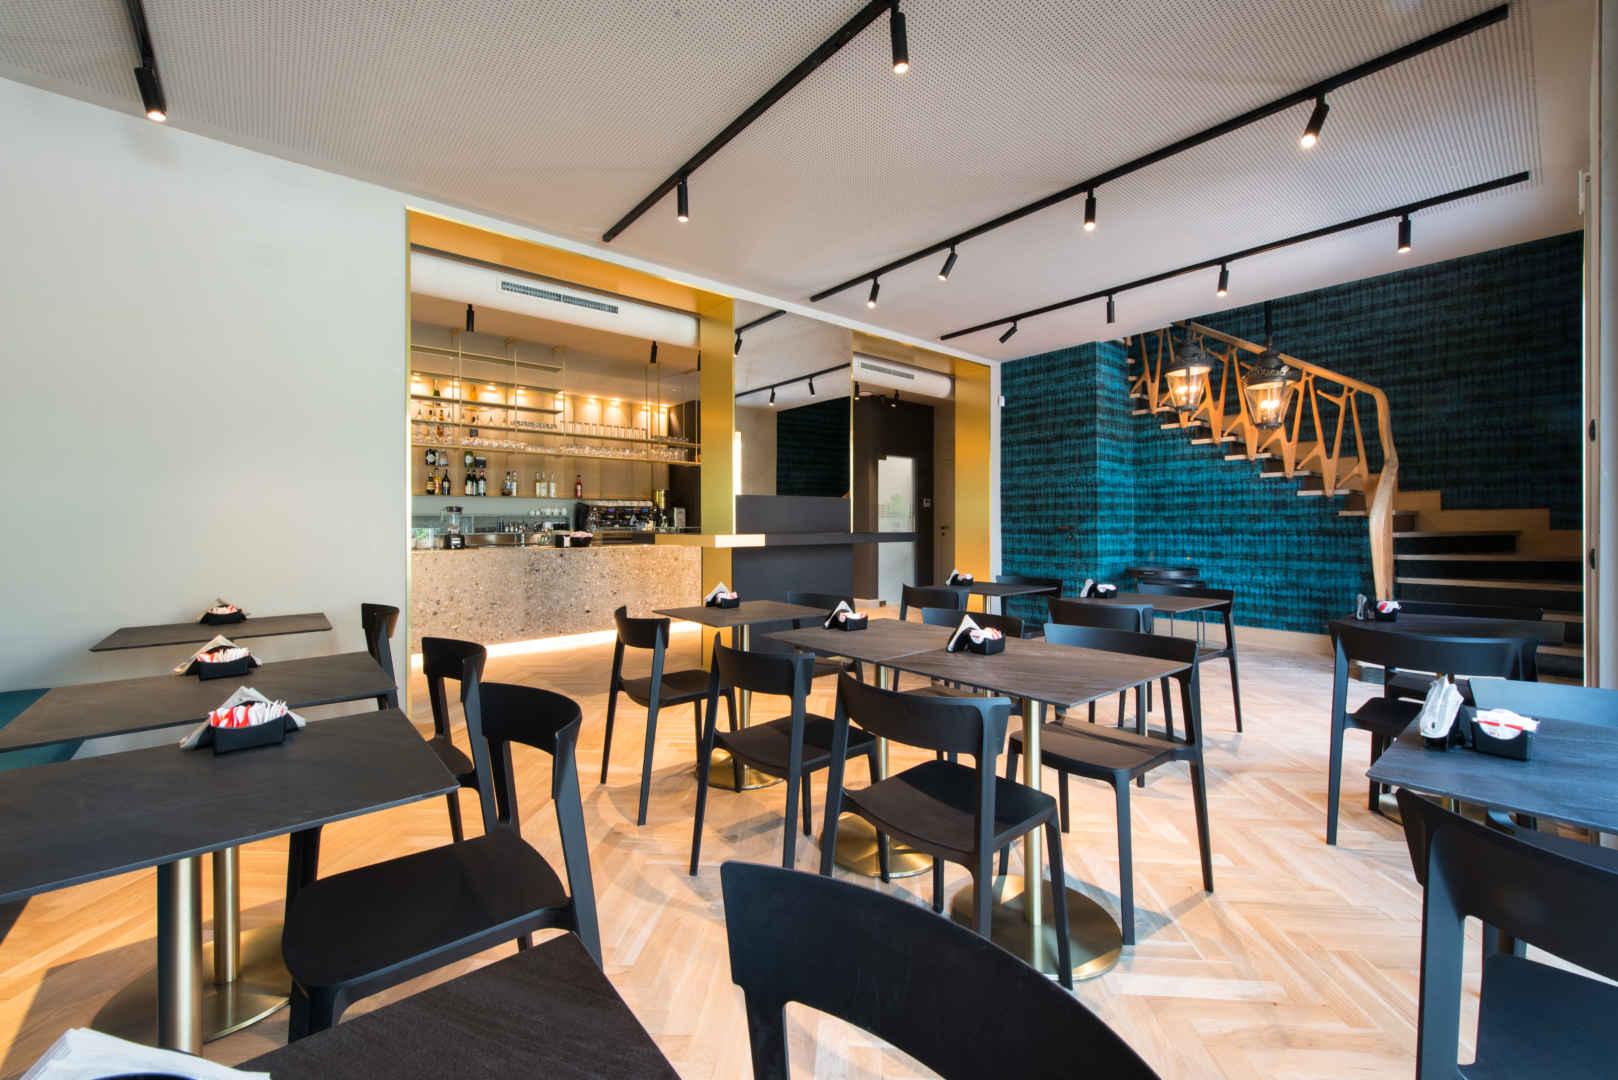 apero-cafe-chi-siamo-design